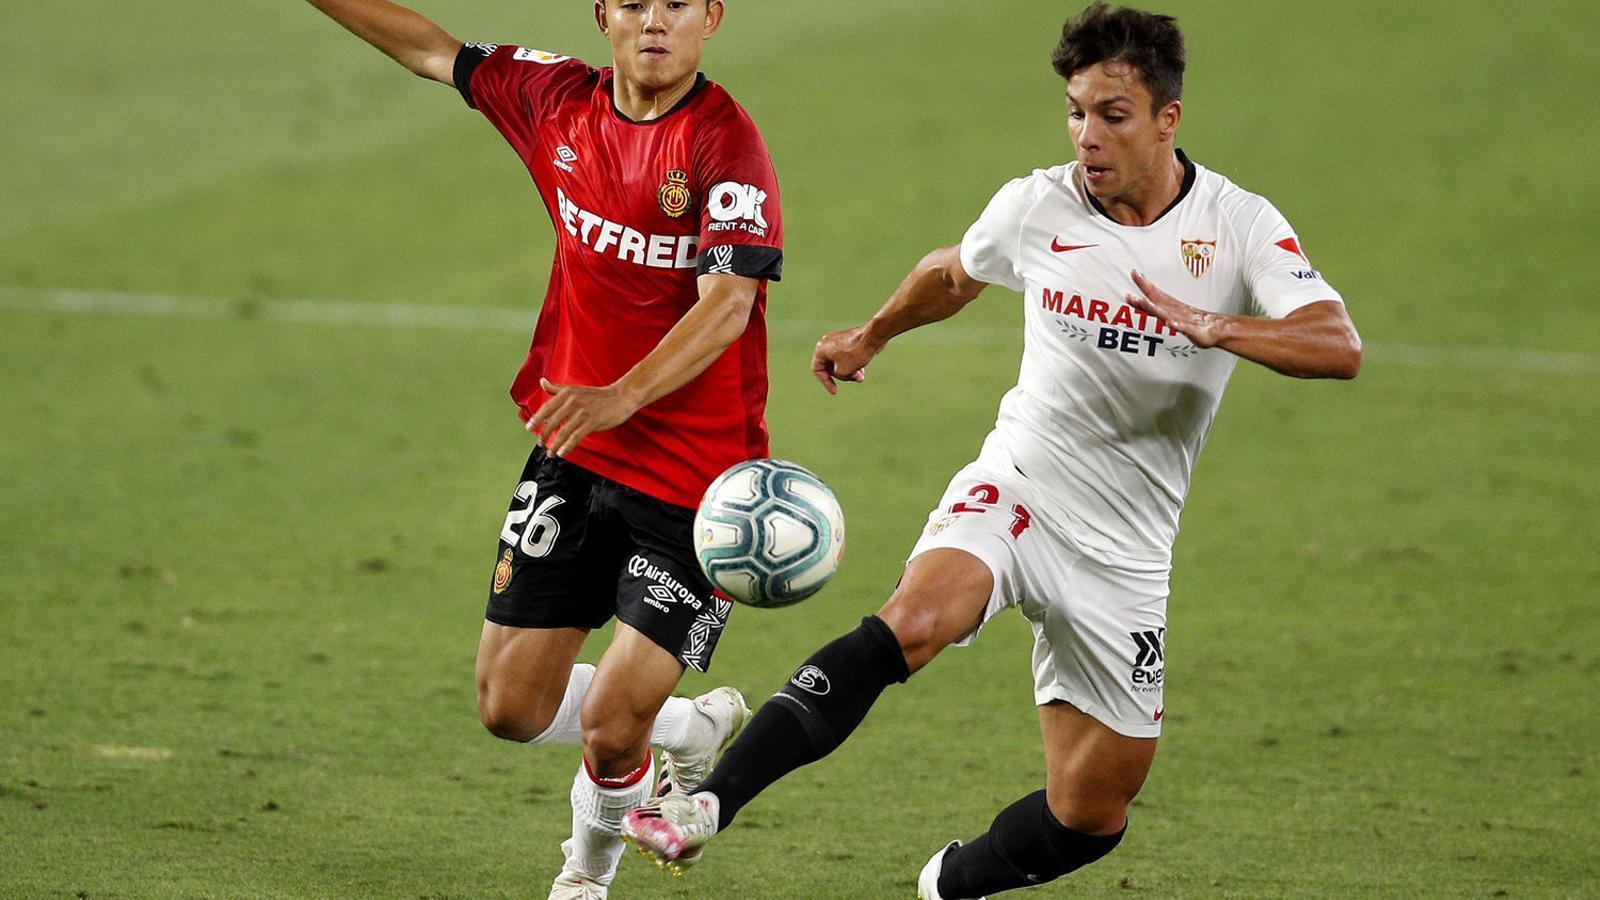 El Mallorca i el Sevilla són dos dels equips de la Lliga que tenen una casa de joc com a principal patrocinador.